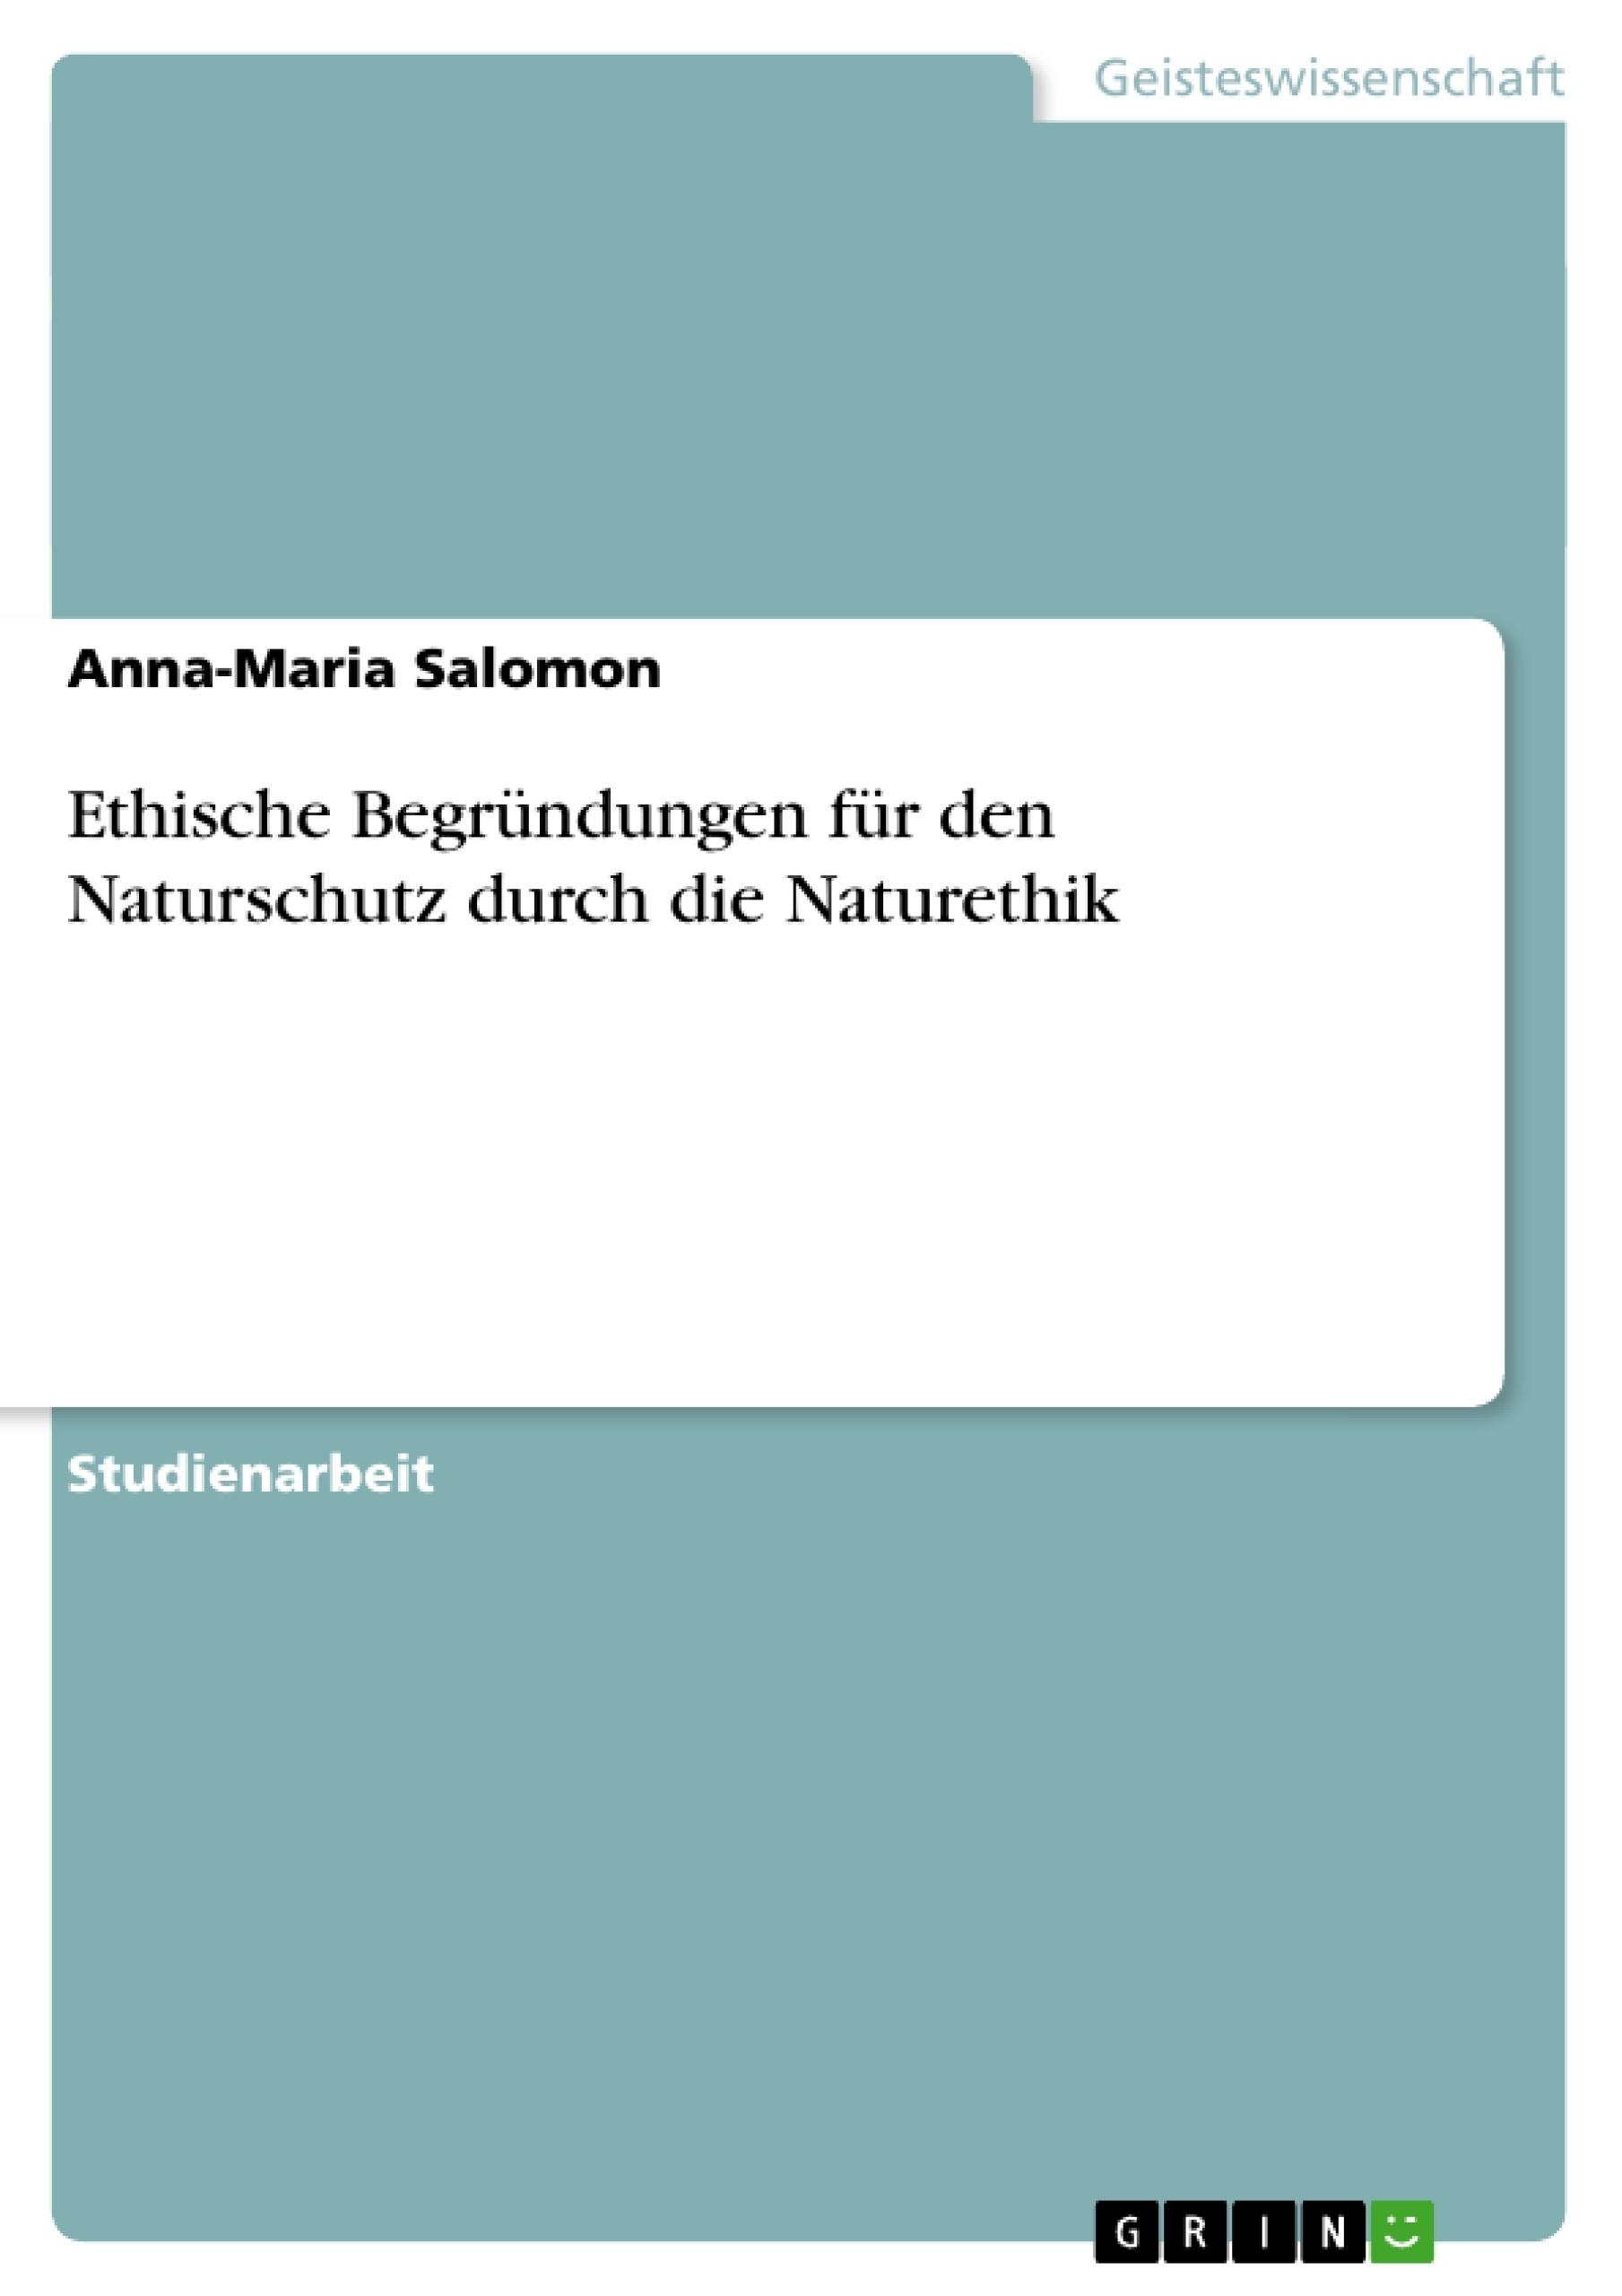 Titel: Ethische Begründungen für den Naturschutz durch die Naturethik